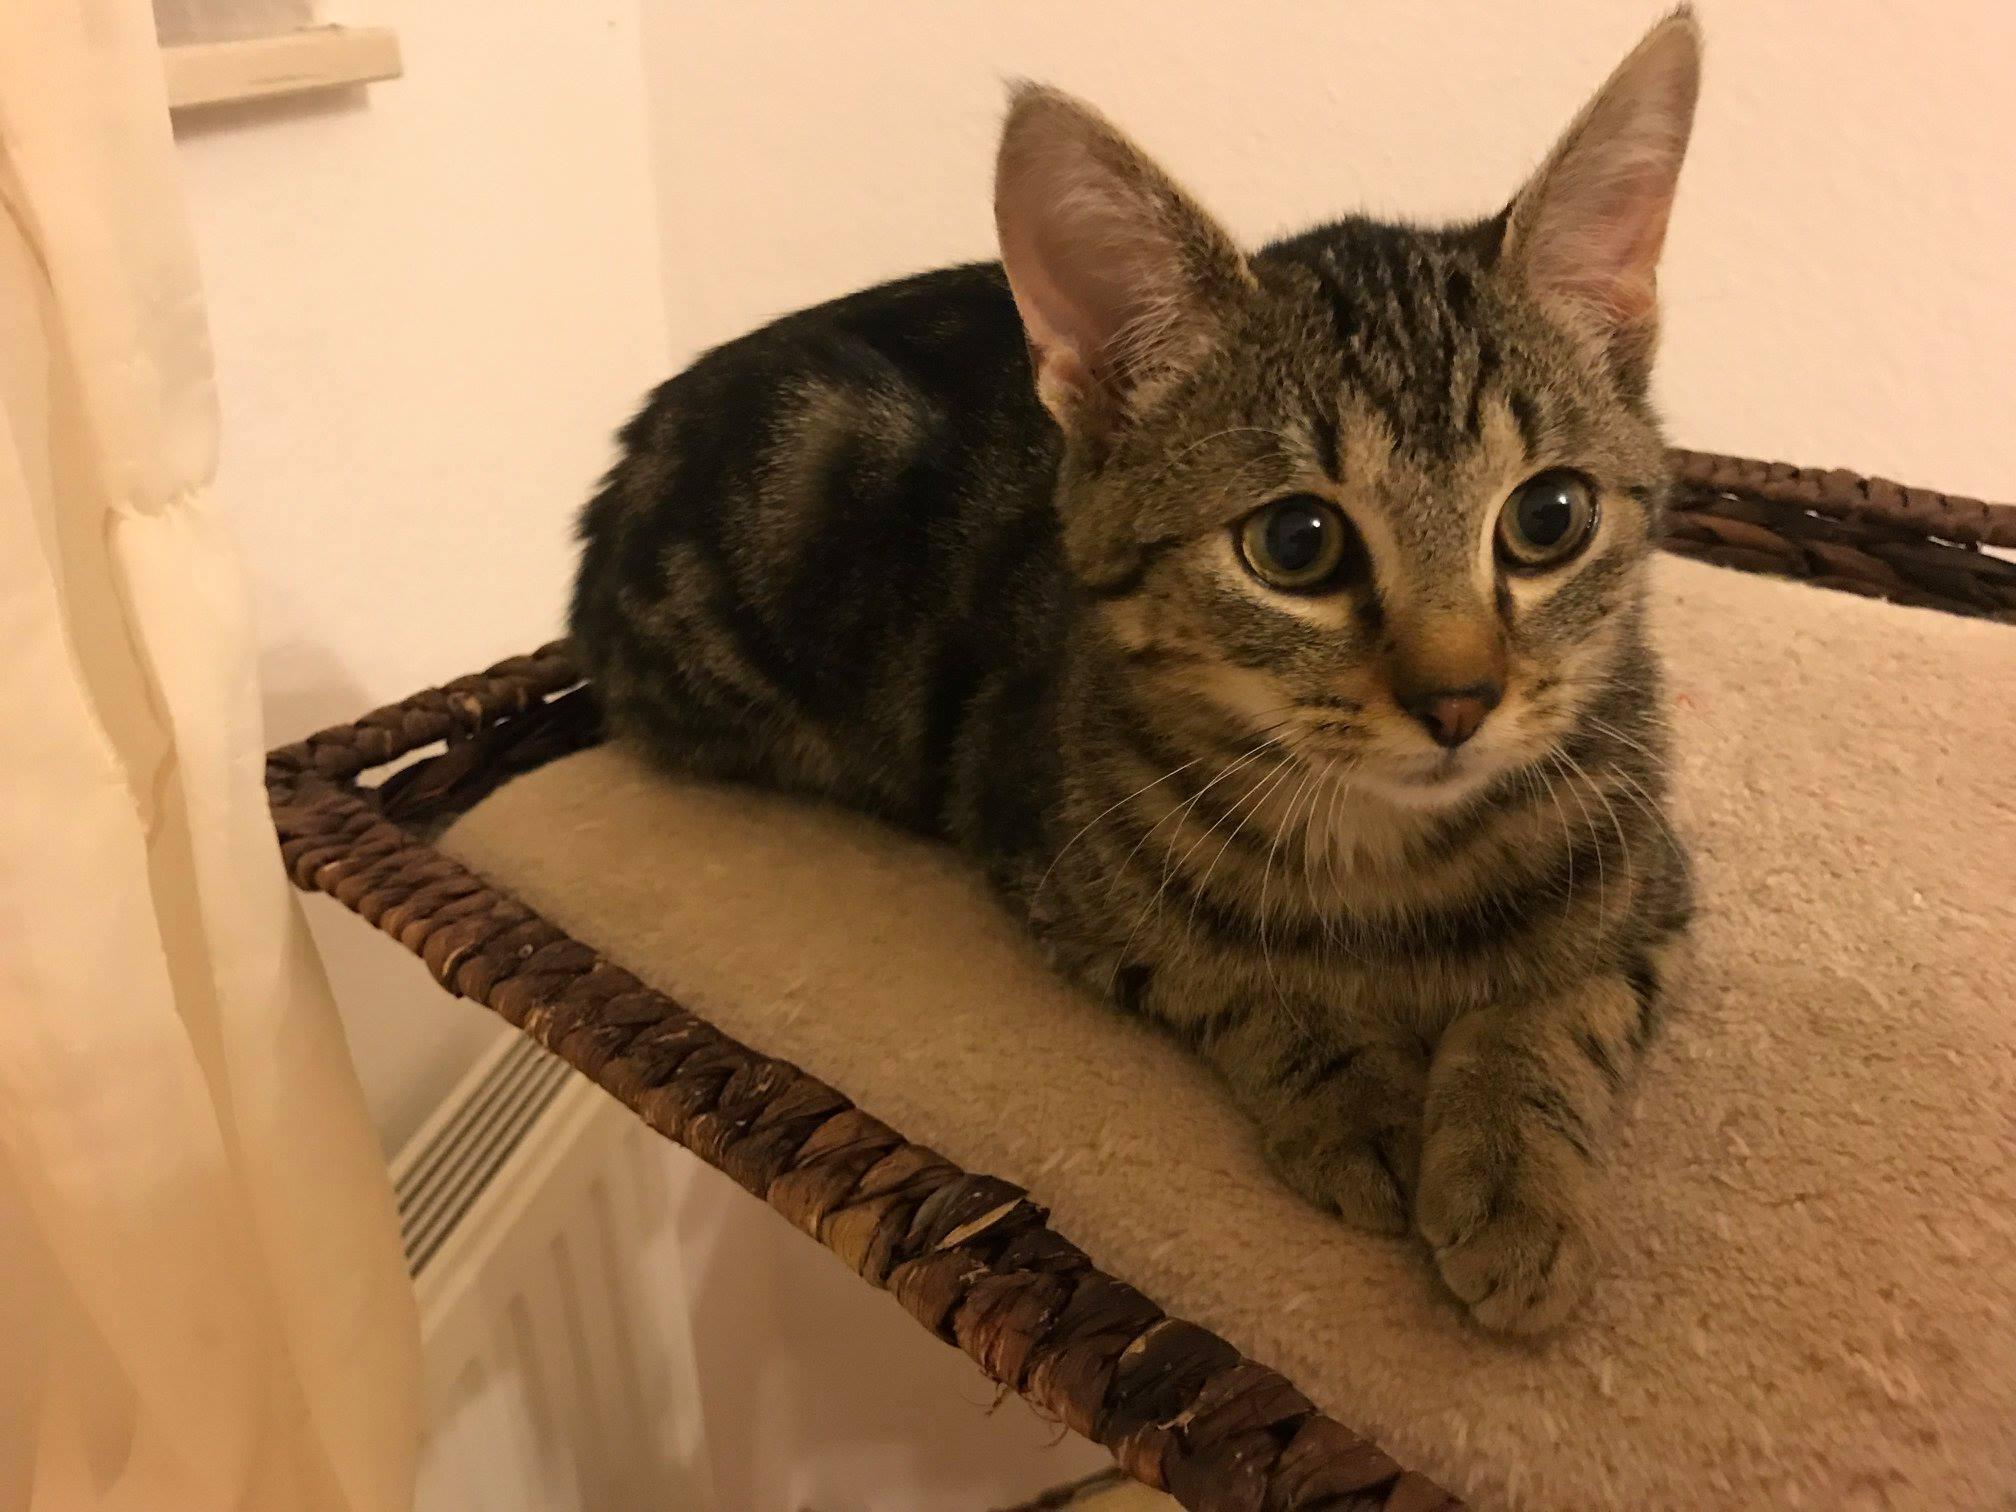 kleine getiegert Katze liegt auf der Sitzfläche eines Kratzbaumes